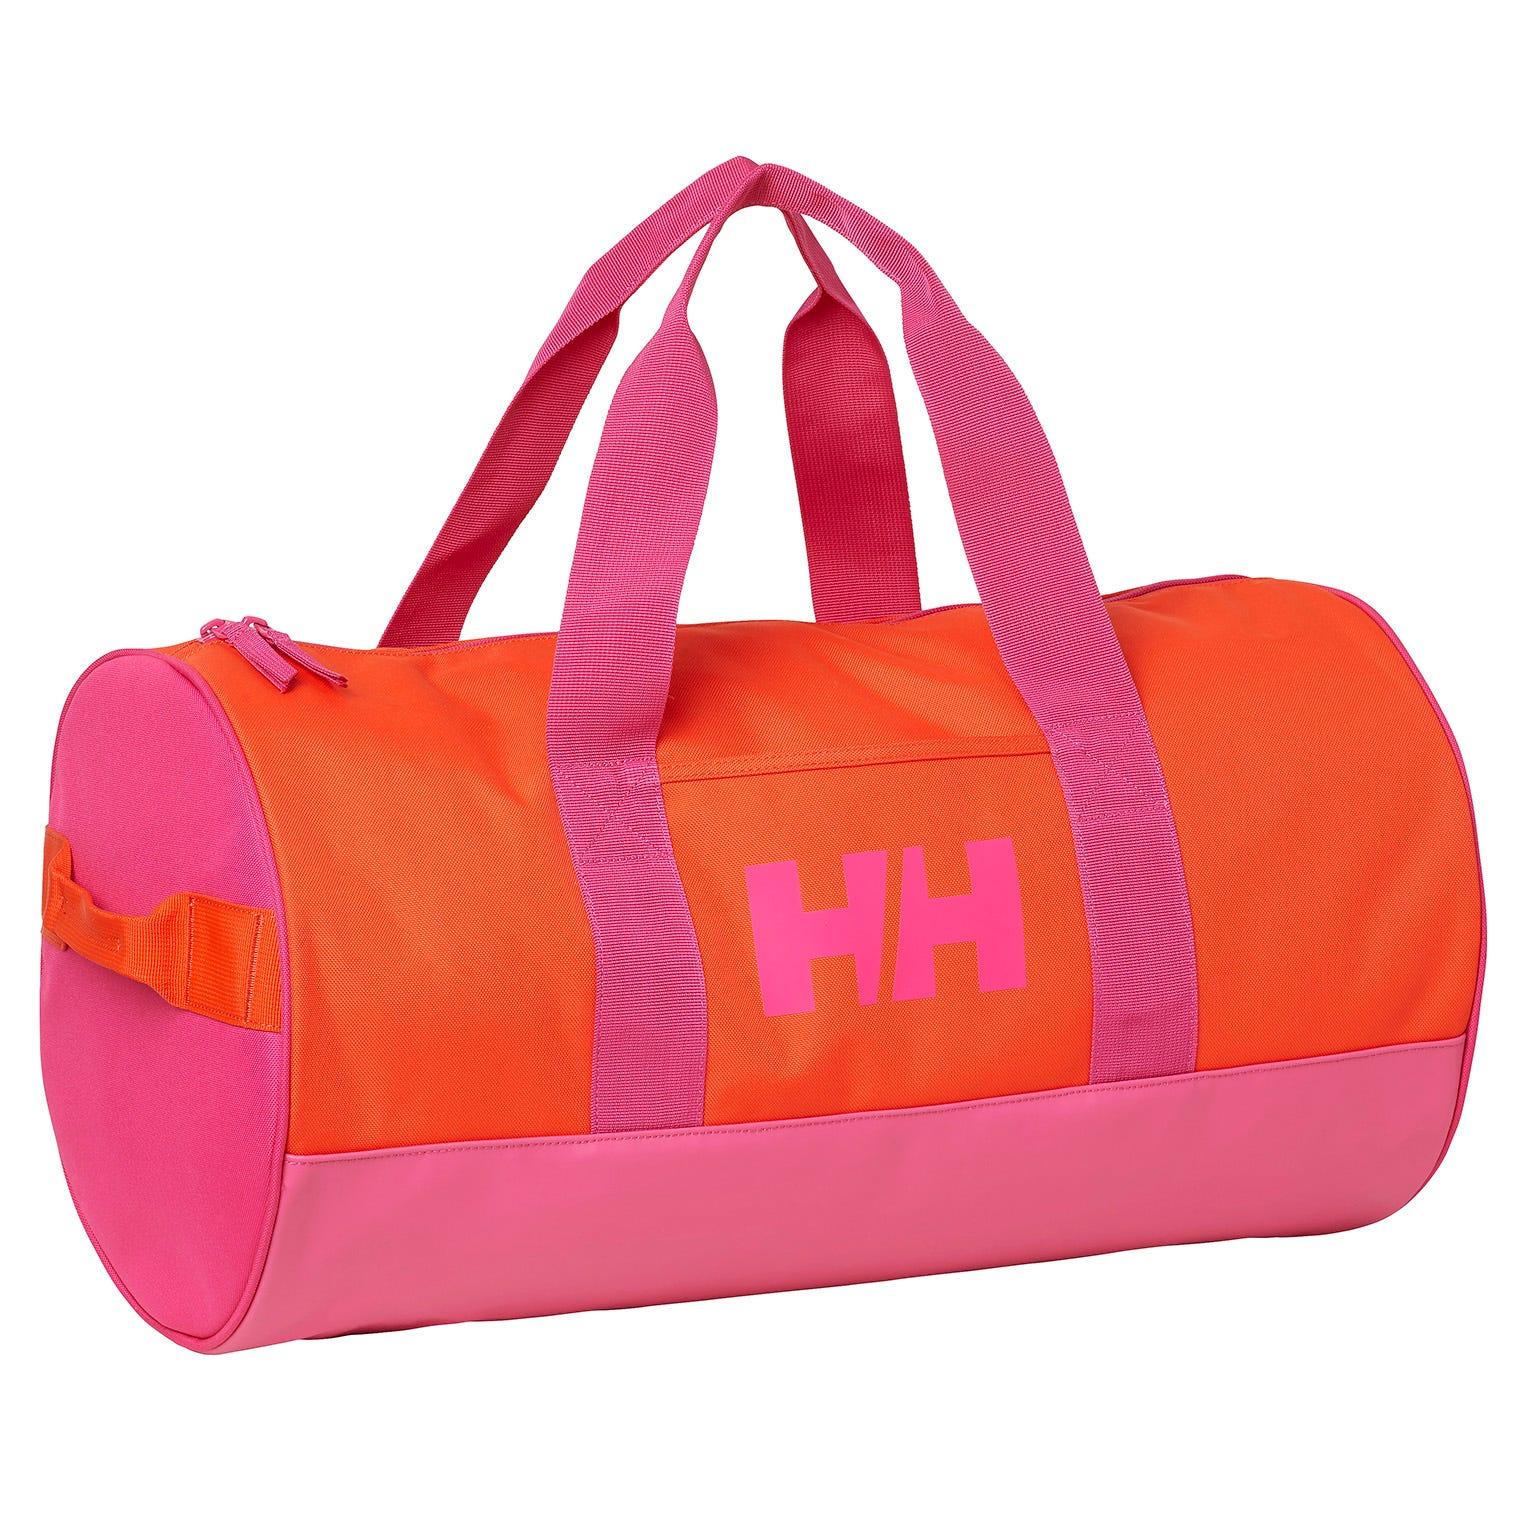 Helly Hansen Active Duffel Bag Womens Pink STD